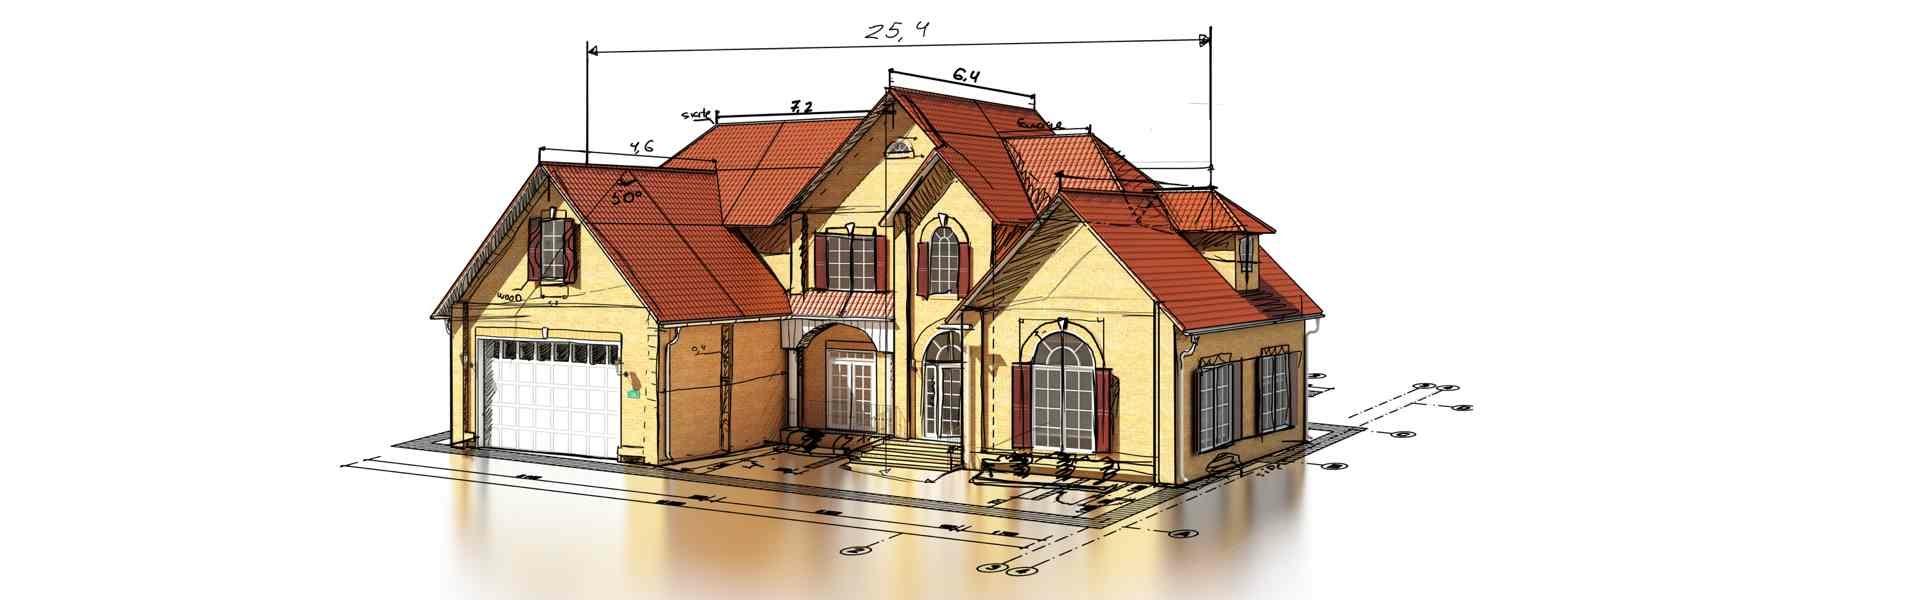 Обмер фасадов